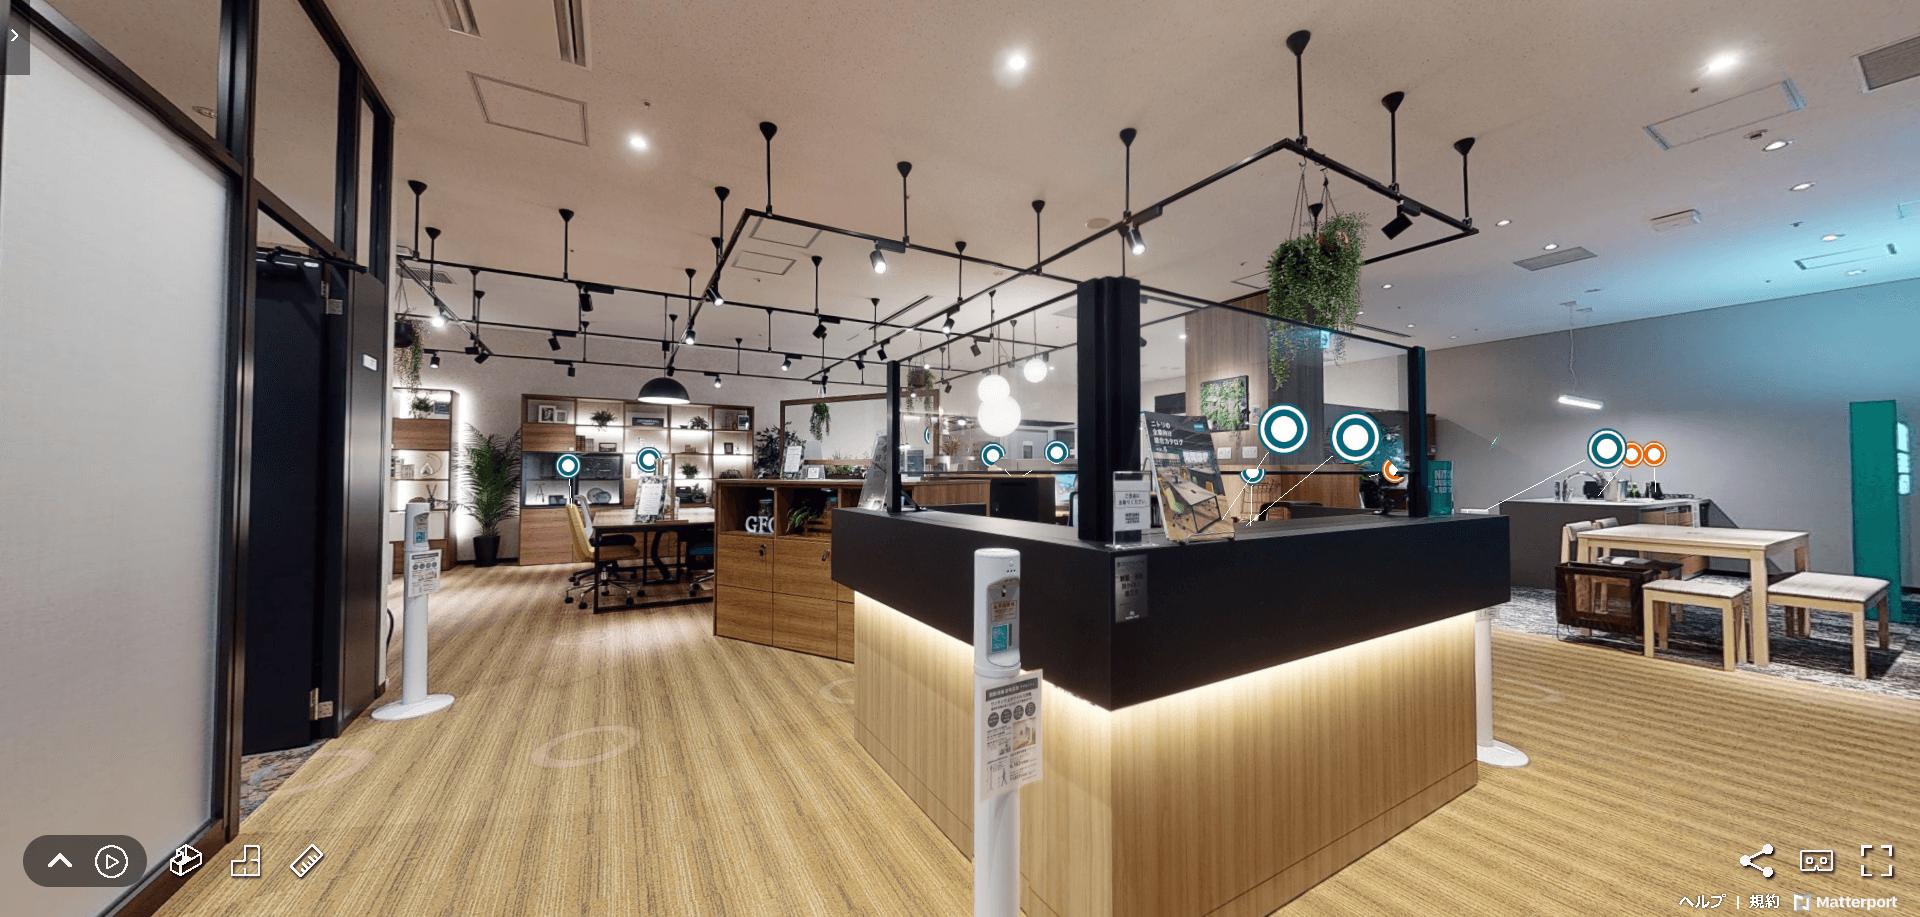 ニトリ-ニトリビジネス&リフォーム グランフロント大阪